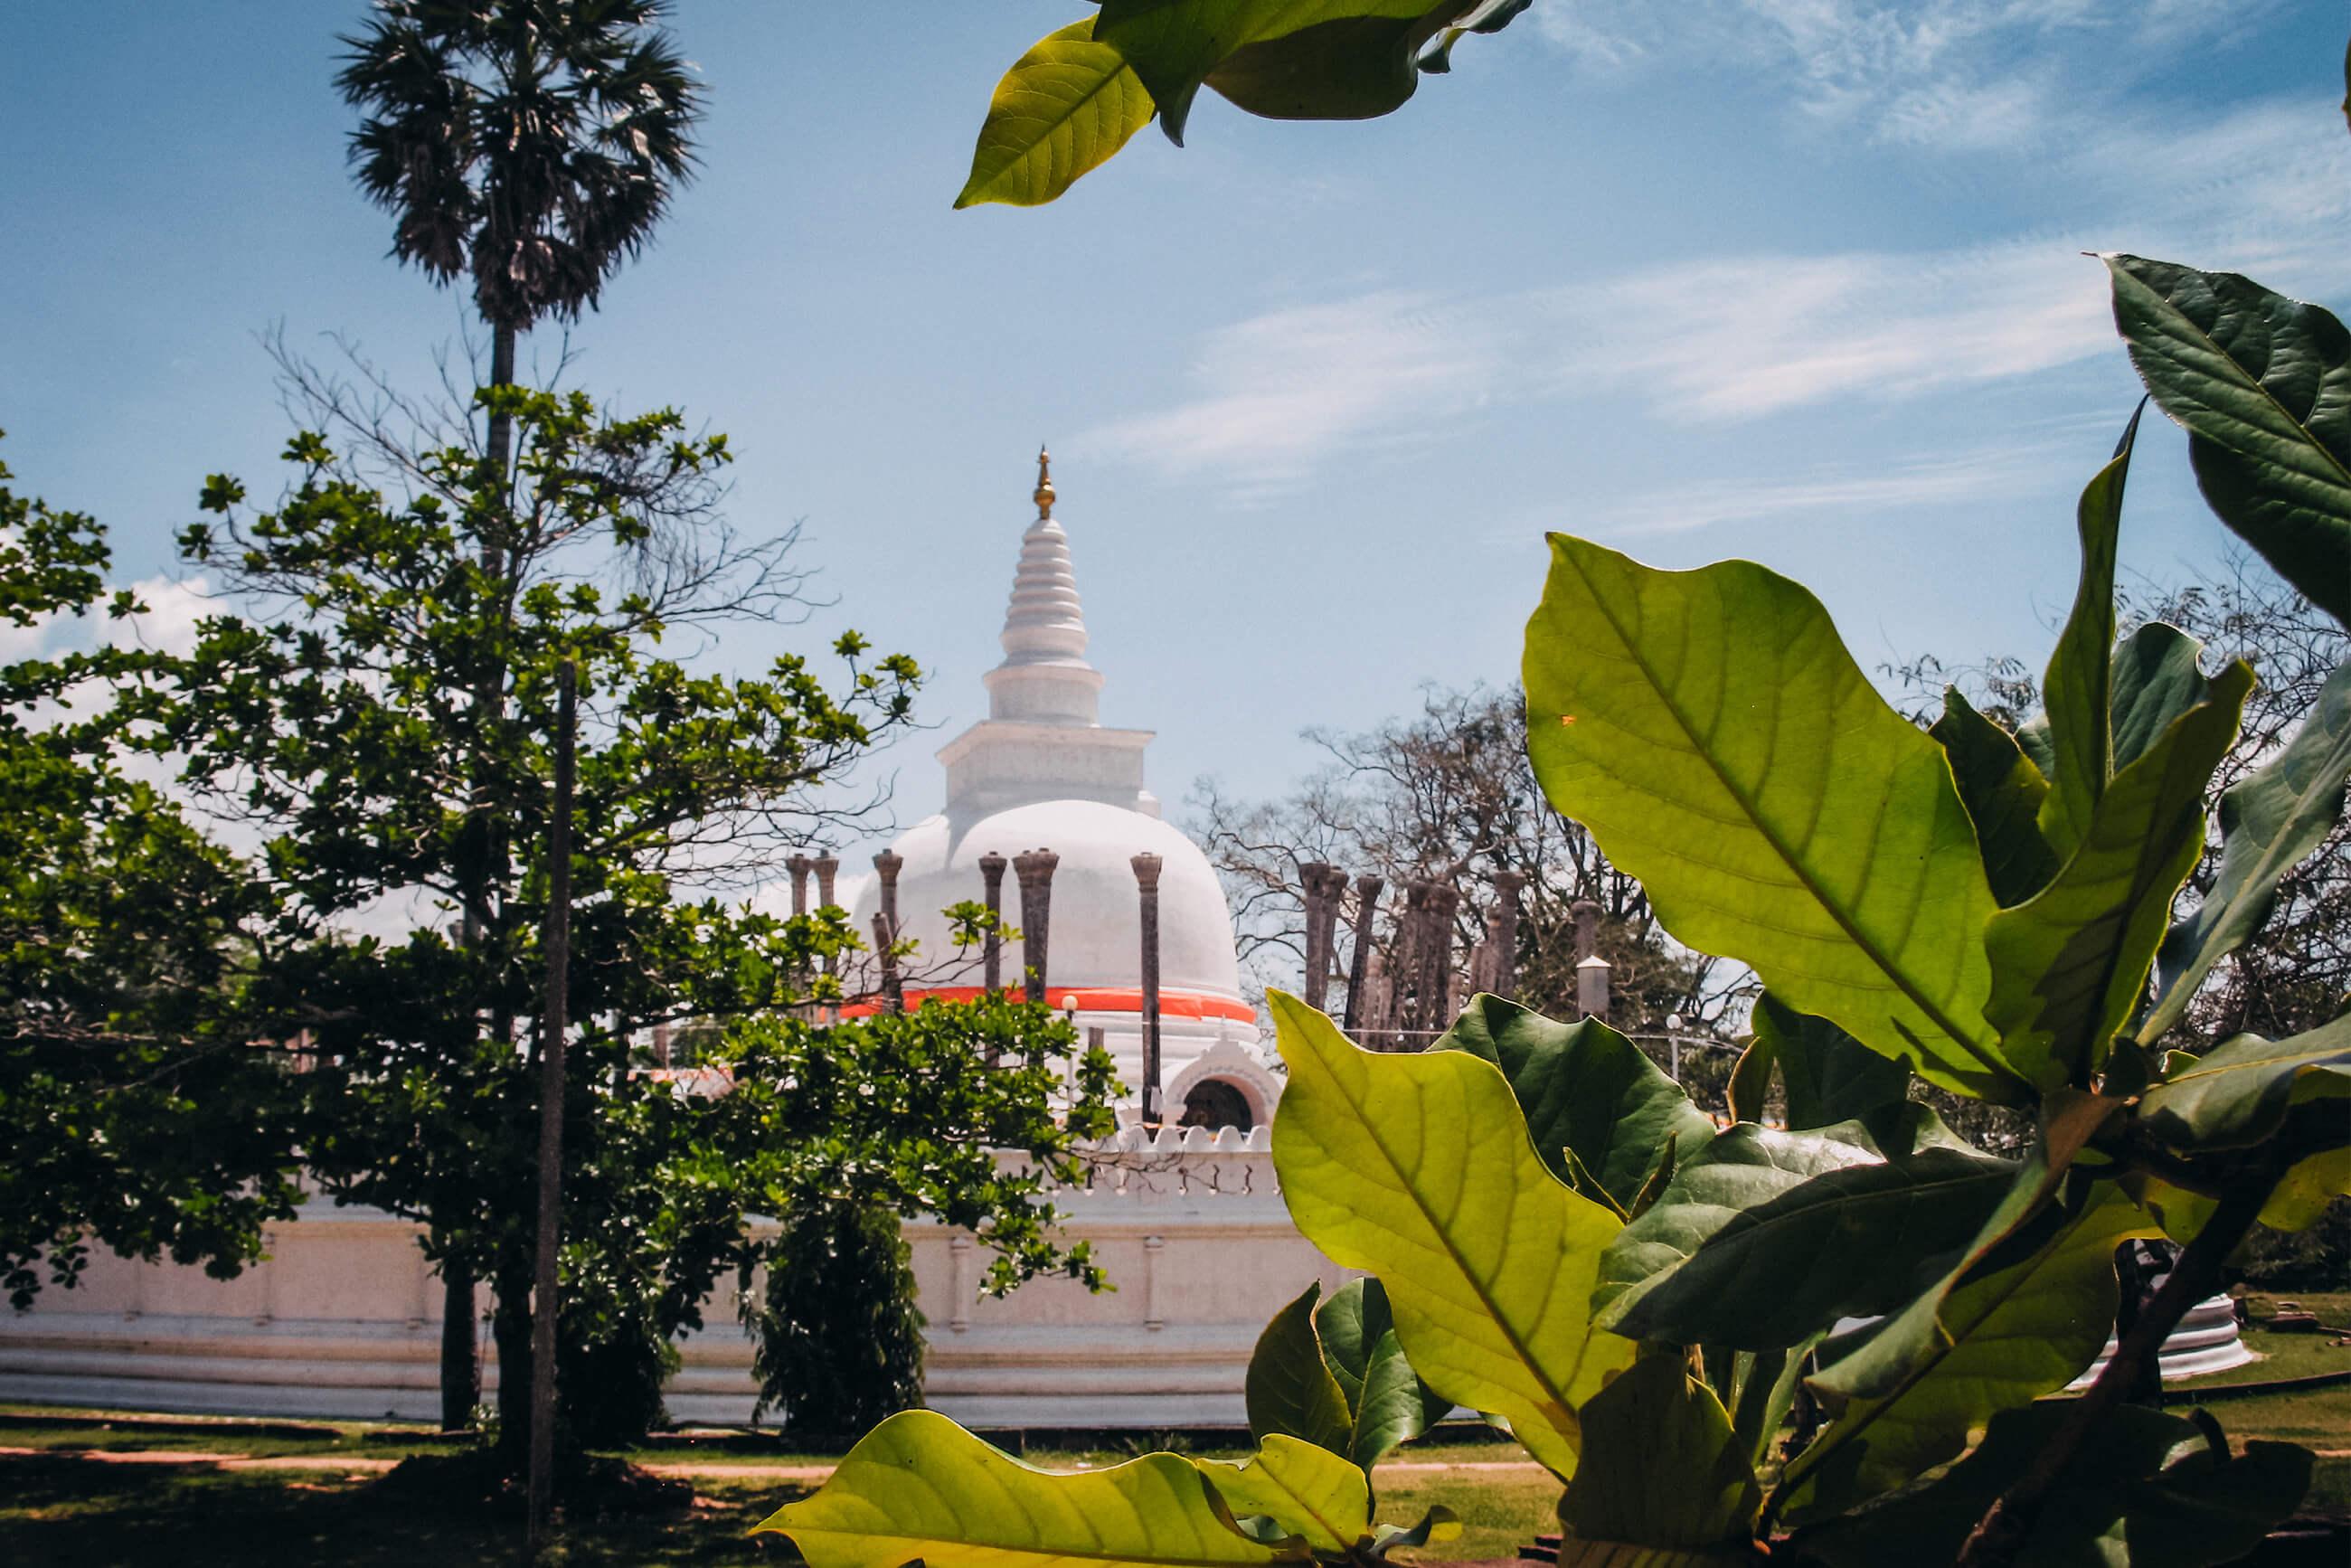 https://bubo.sk/uploads/galleries/5058/archiv_misogaj_srilanka_img_4768.jpg